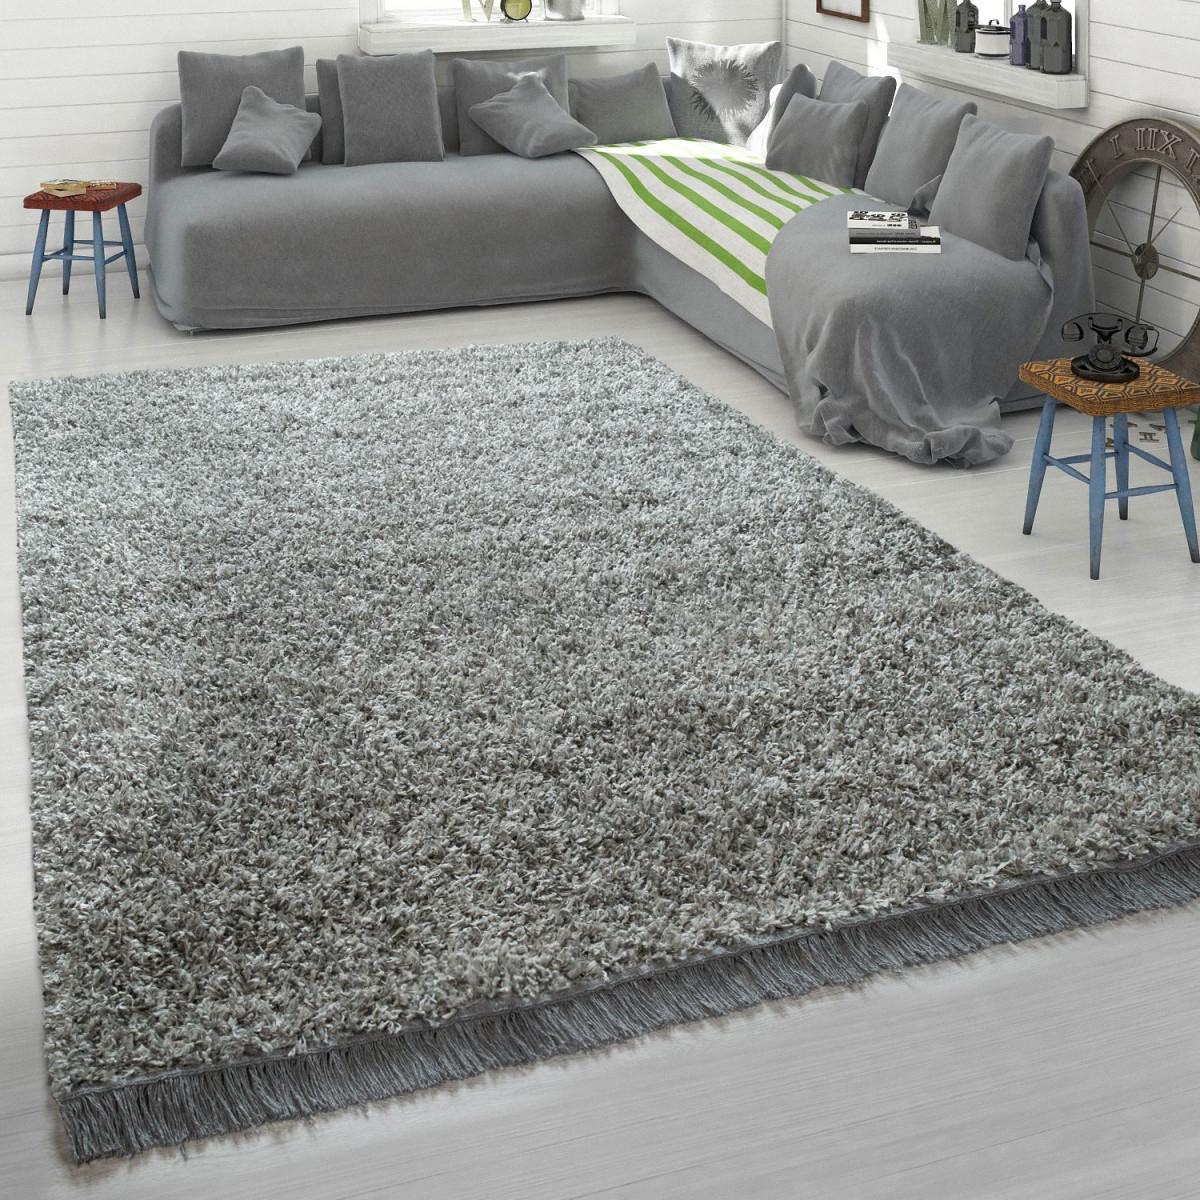 Grauer Teppich Wohnzimmer Hochflor Shaggy Weich Robust Strapazierfähig  Kuschelig von Strapazierfähiger Teppich Wohnzimmer Photo